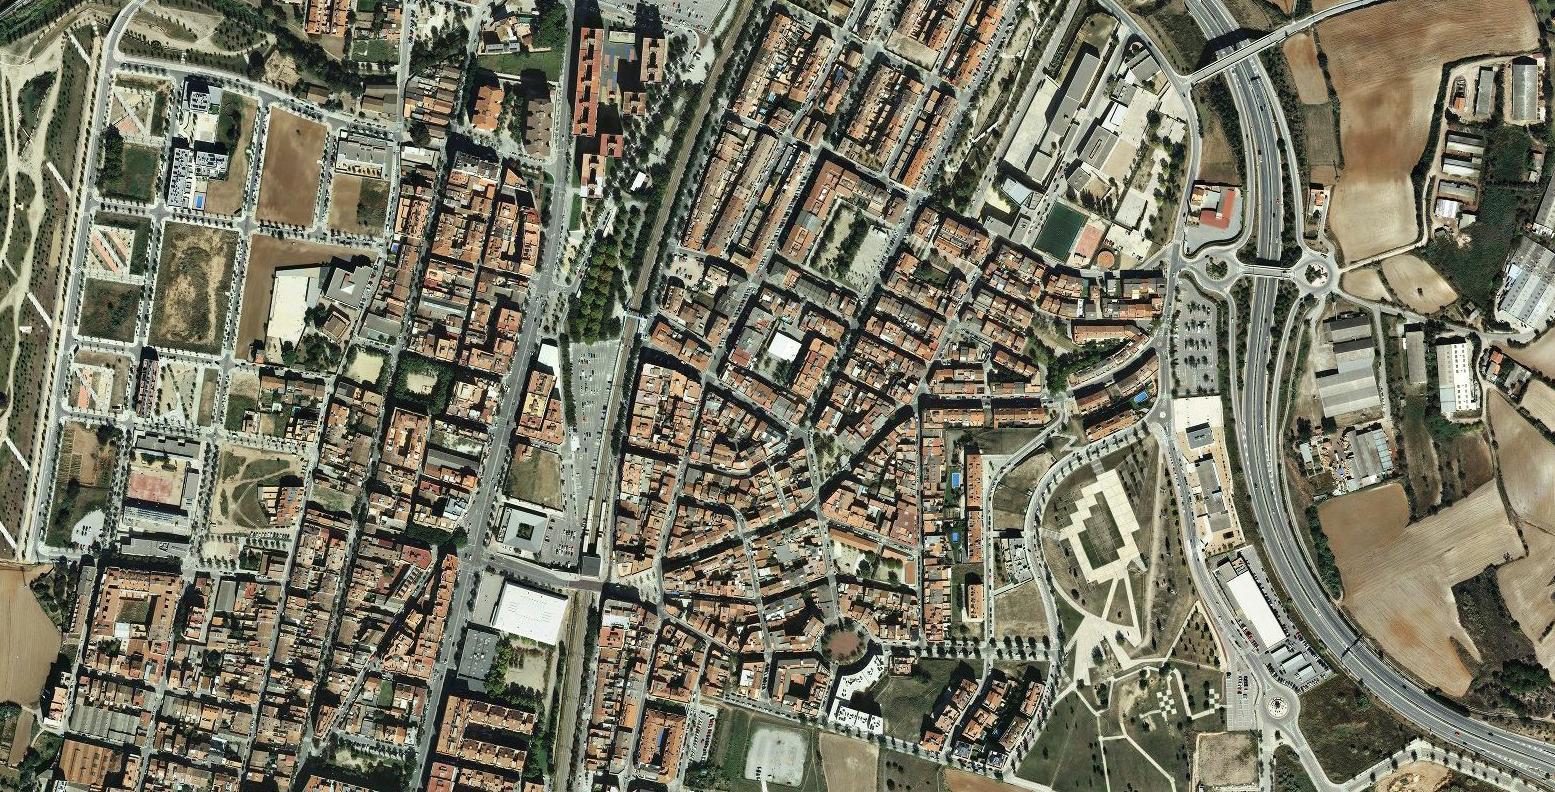 granollers, barcelona, cacaolat, después, urbanismo, planeamiento, urbano, desastre, urbanístico, construcción, rotondas, carretera